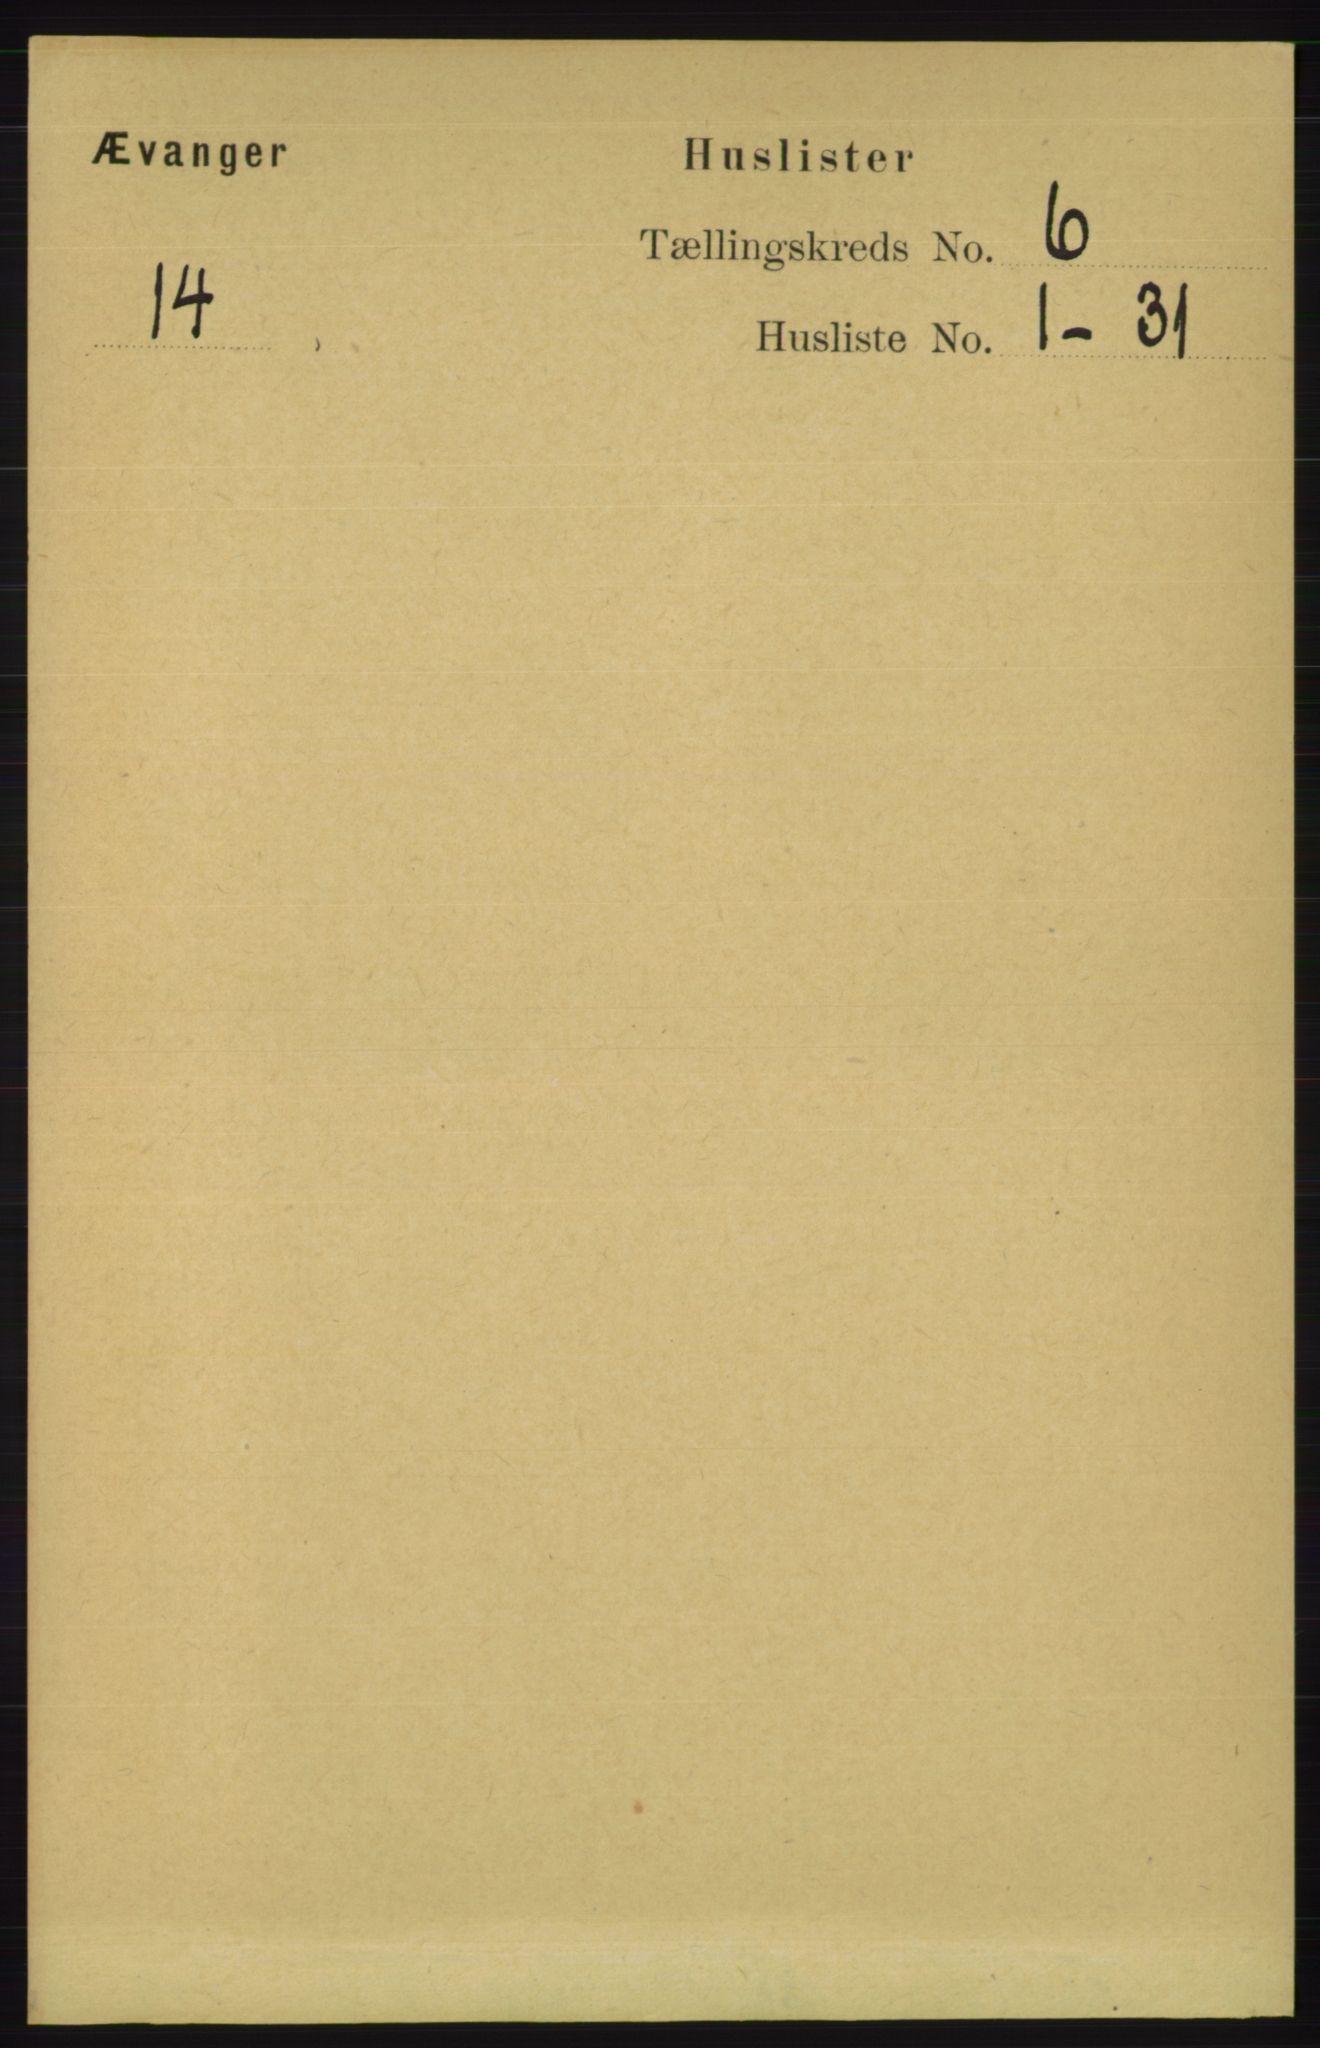 RA, Folketelling 1891 for 1237 Evanger herred, 1891, s. 1579